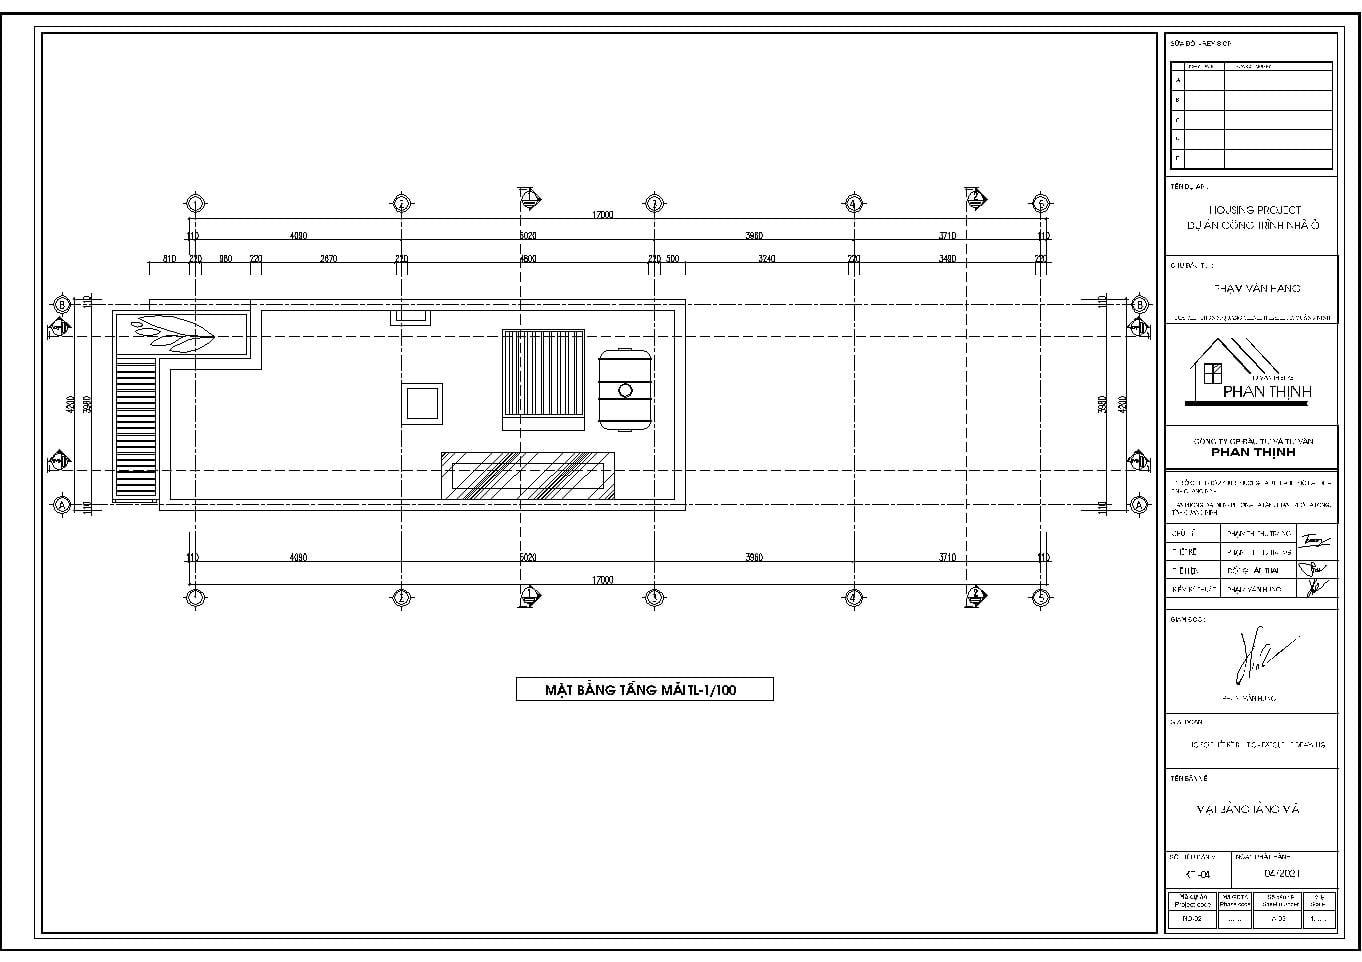 Mặt bằng tầng mái bản vẽ kiến trúc nhà 3 tầng